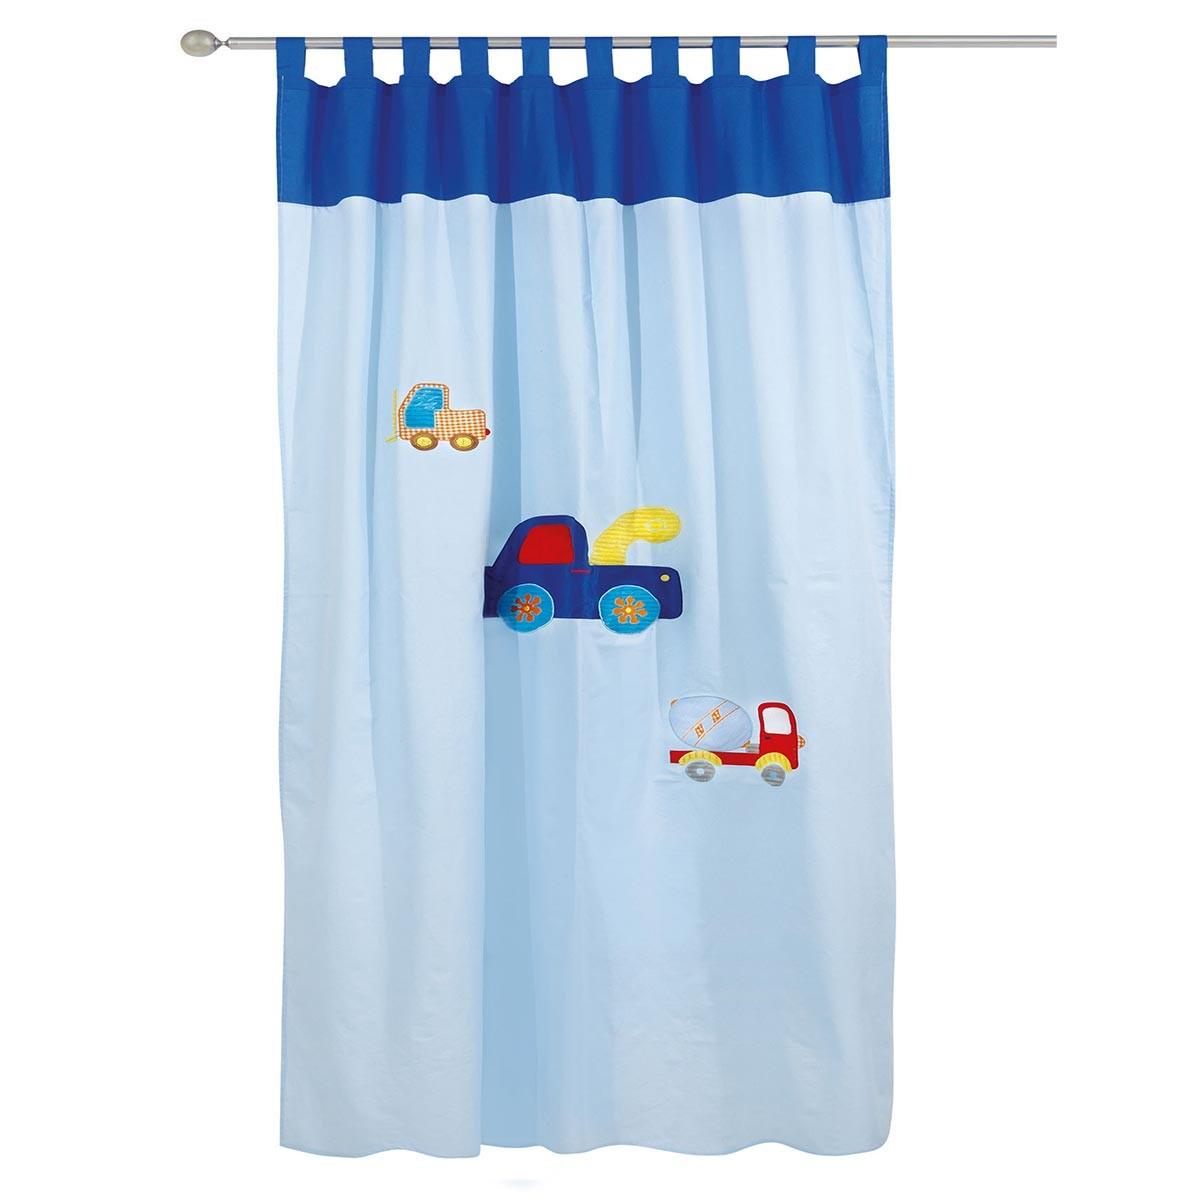 Παιδική Κουρτίνα (140x260) Das Home Dream Embroidery 2110